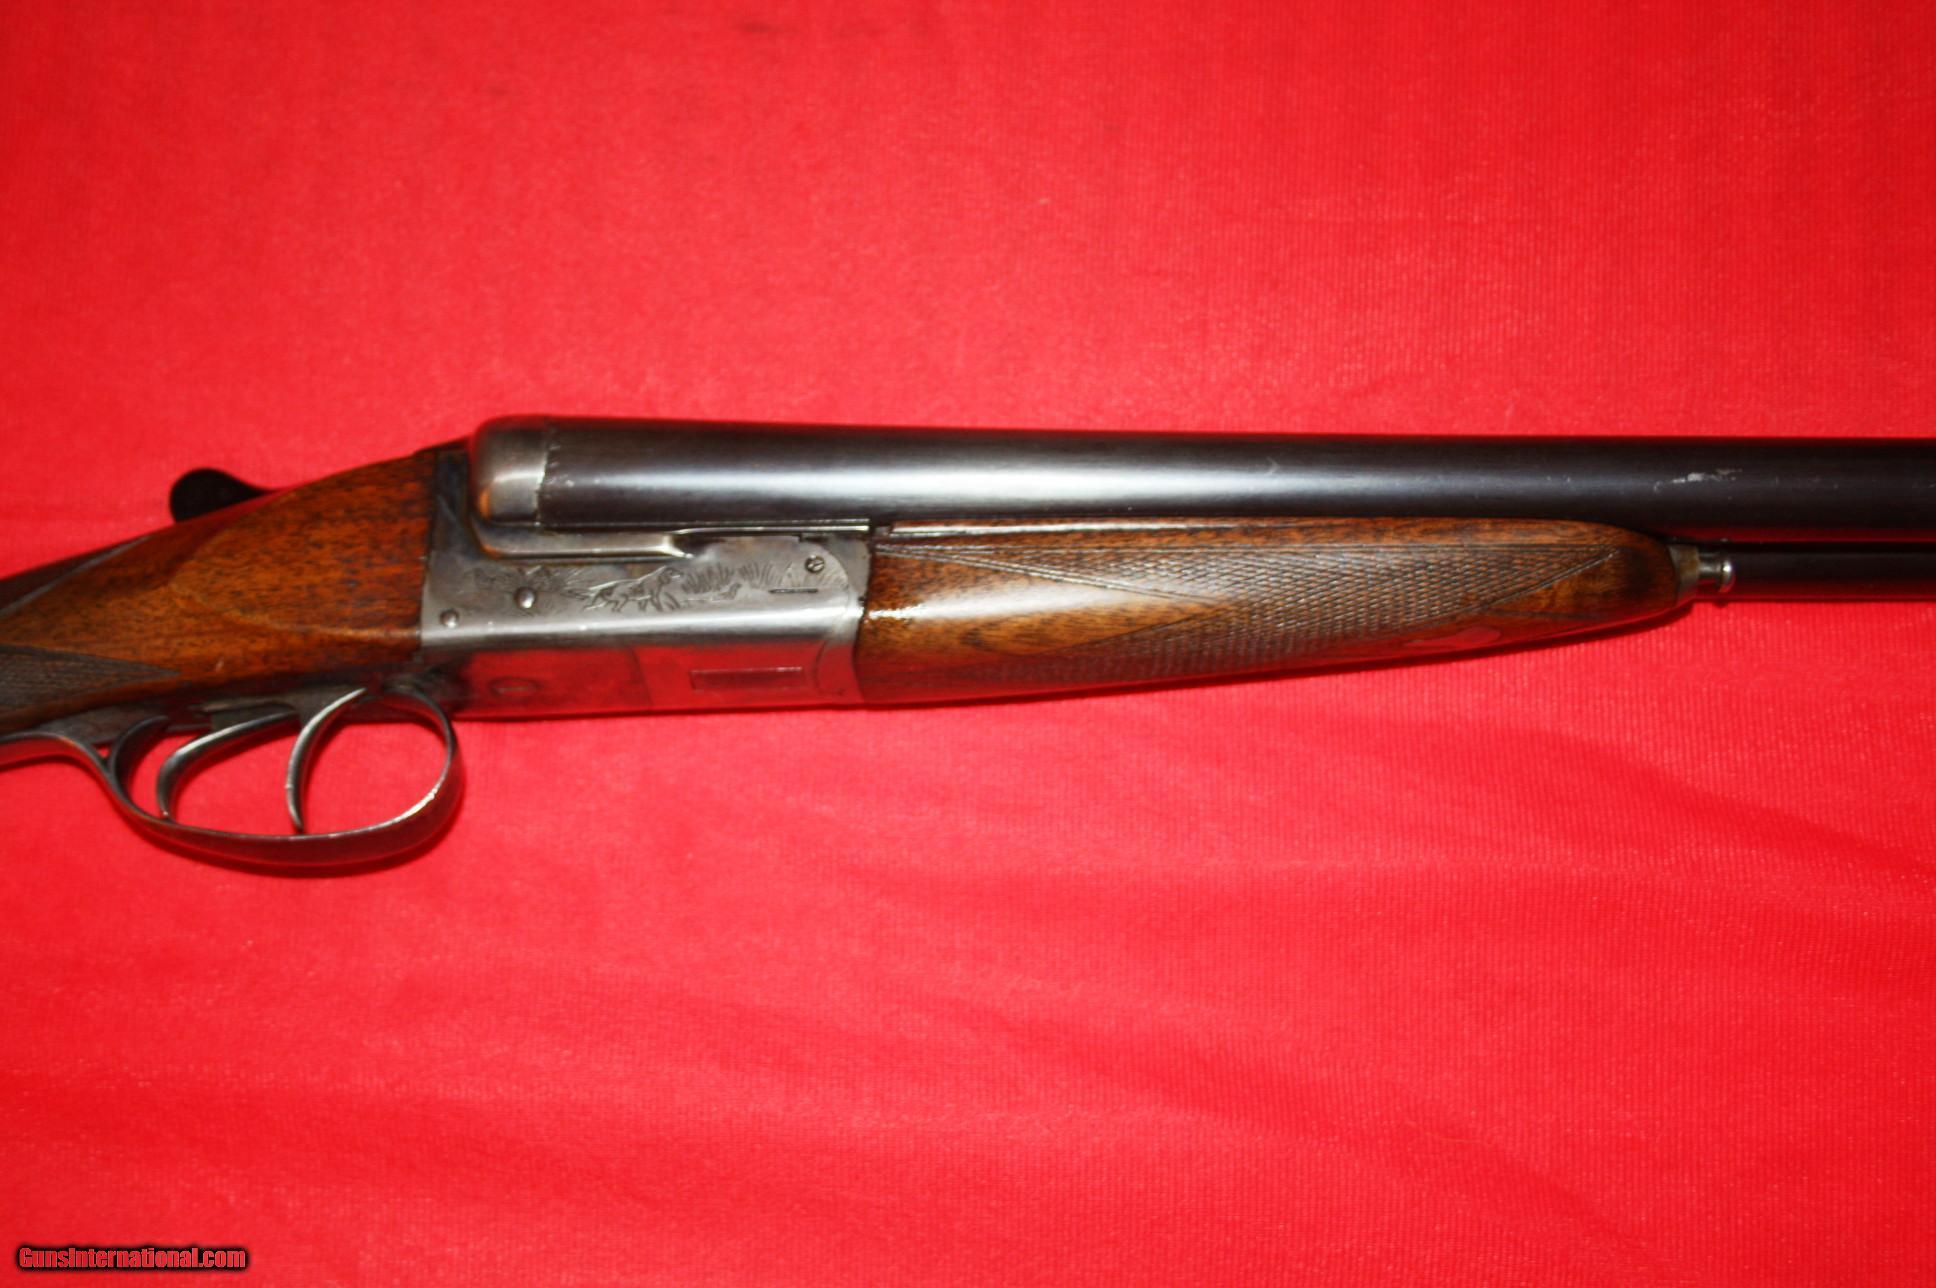 F. Dumoulin 12 Ga. double barrel shotgun